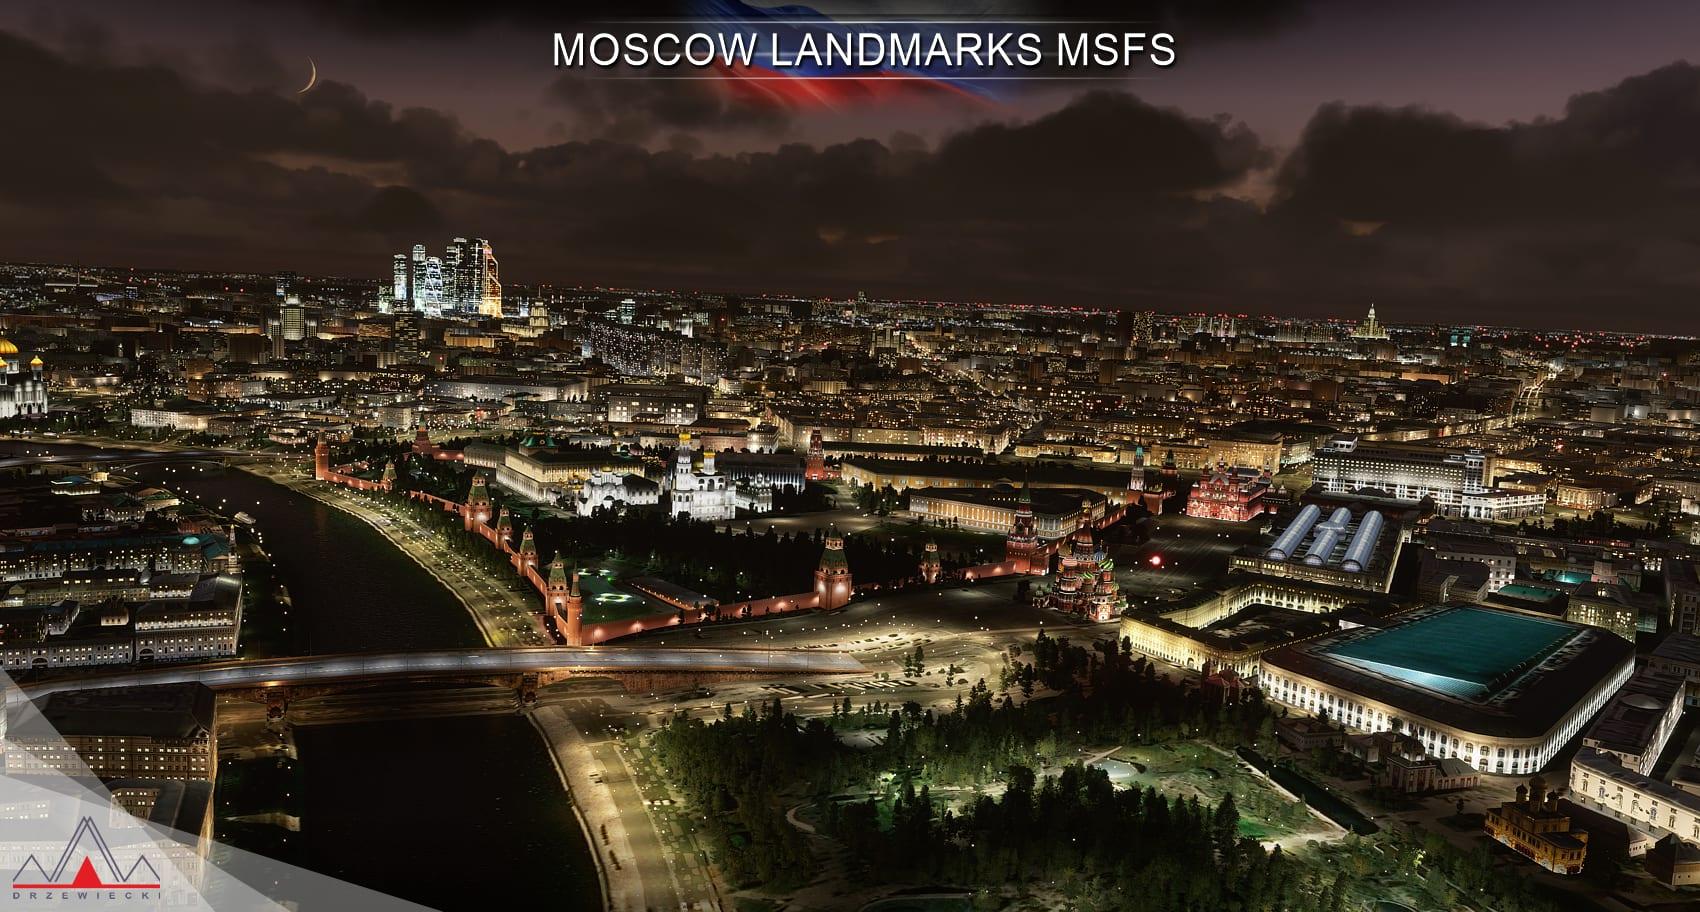 《微软飞行模拟》新附加插件 让莫斯科的风景更美丽